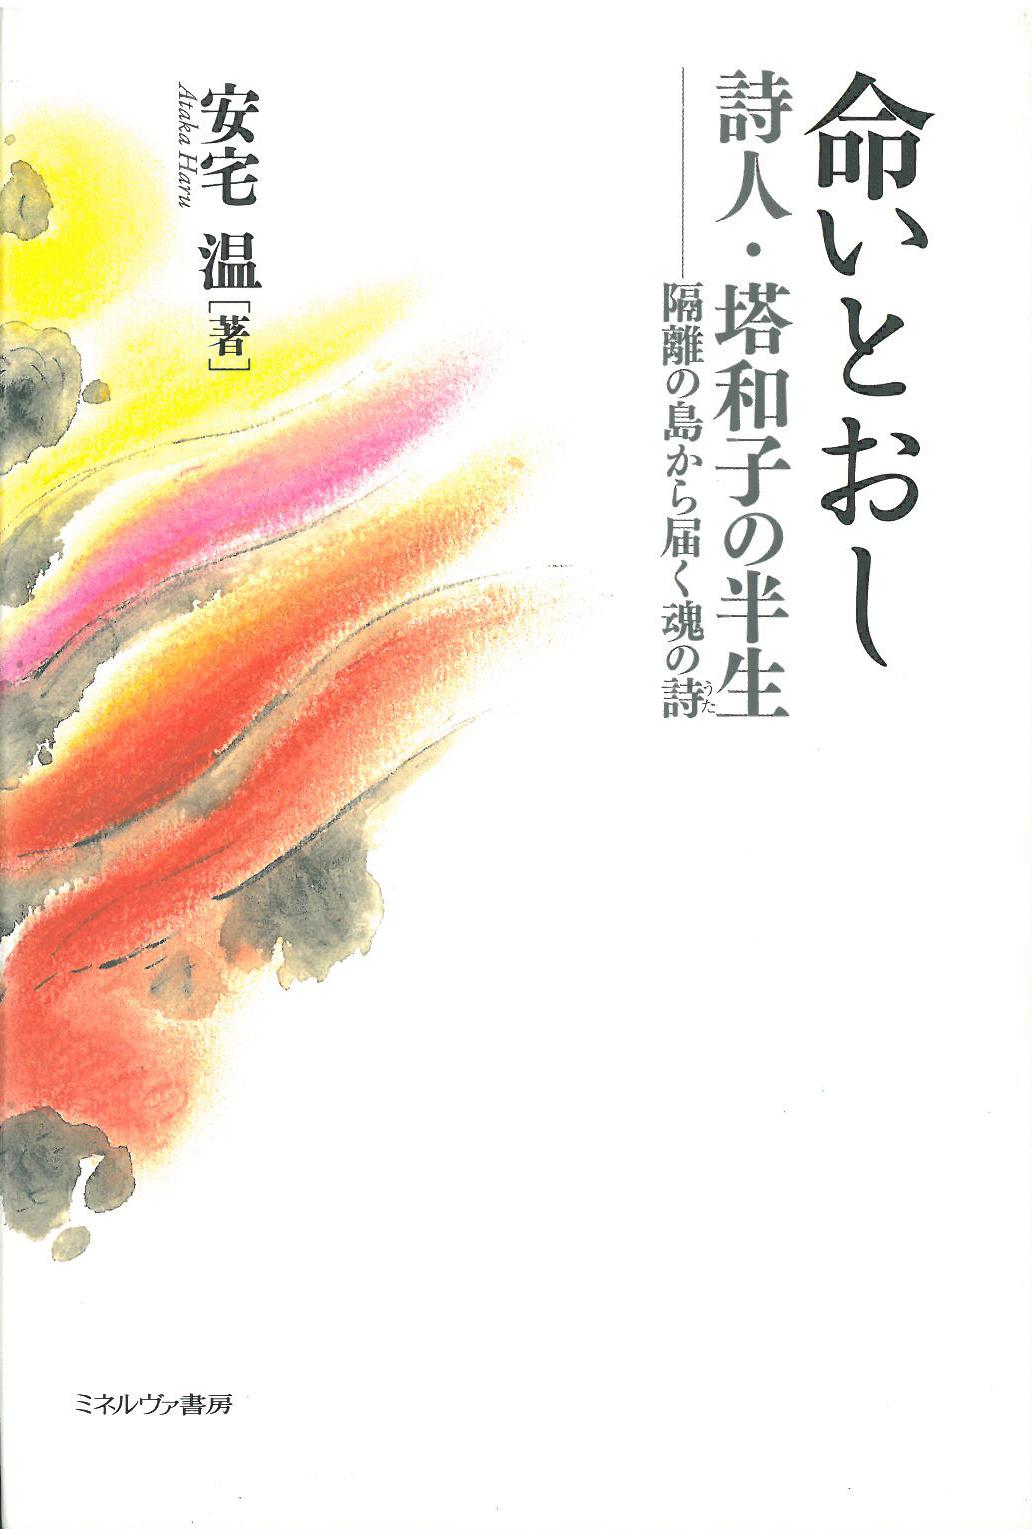 命いとおし—詩人・塔和子の半生 隔離の島から届く魂の詩